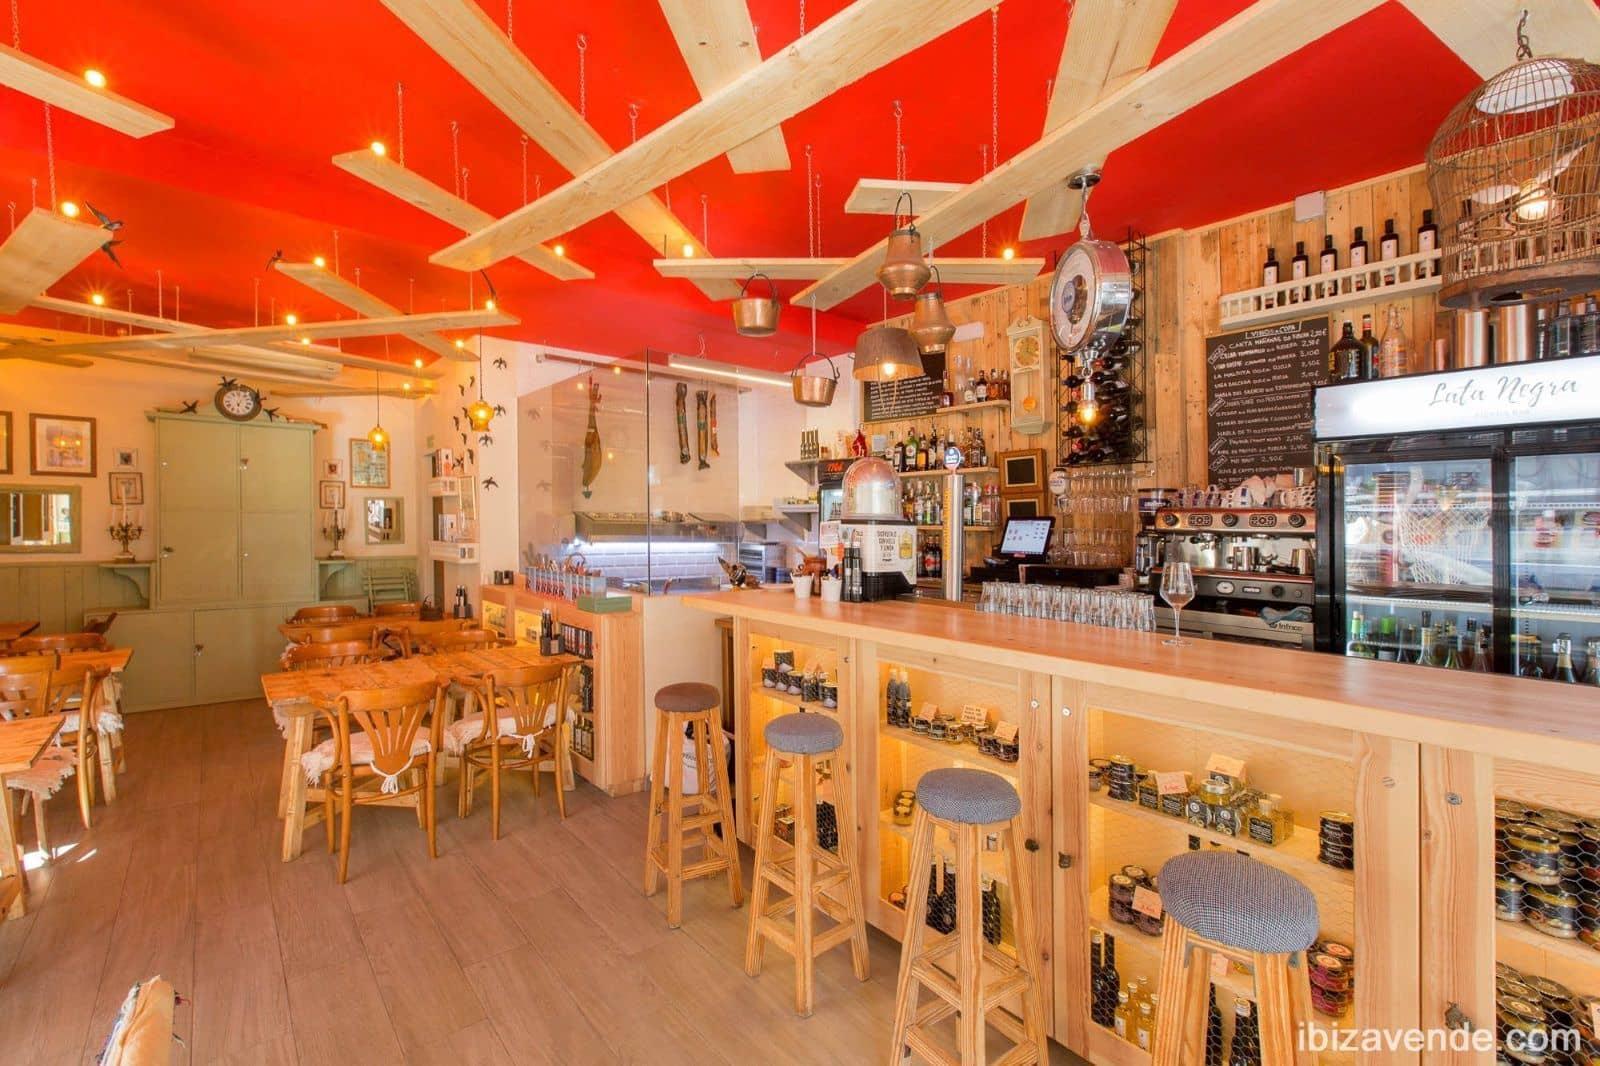 Comercial para arrendar em Ibiza / Eivissa cidade - 900 € (Ref: 6305088)